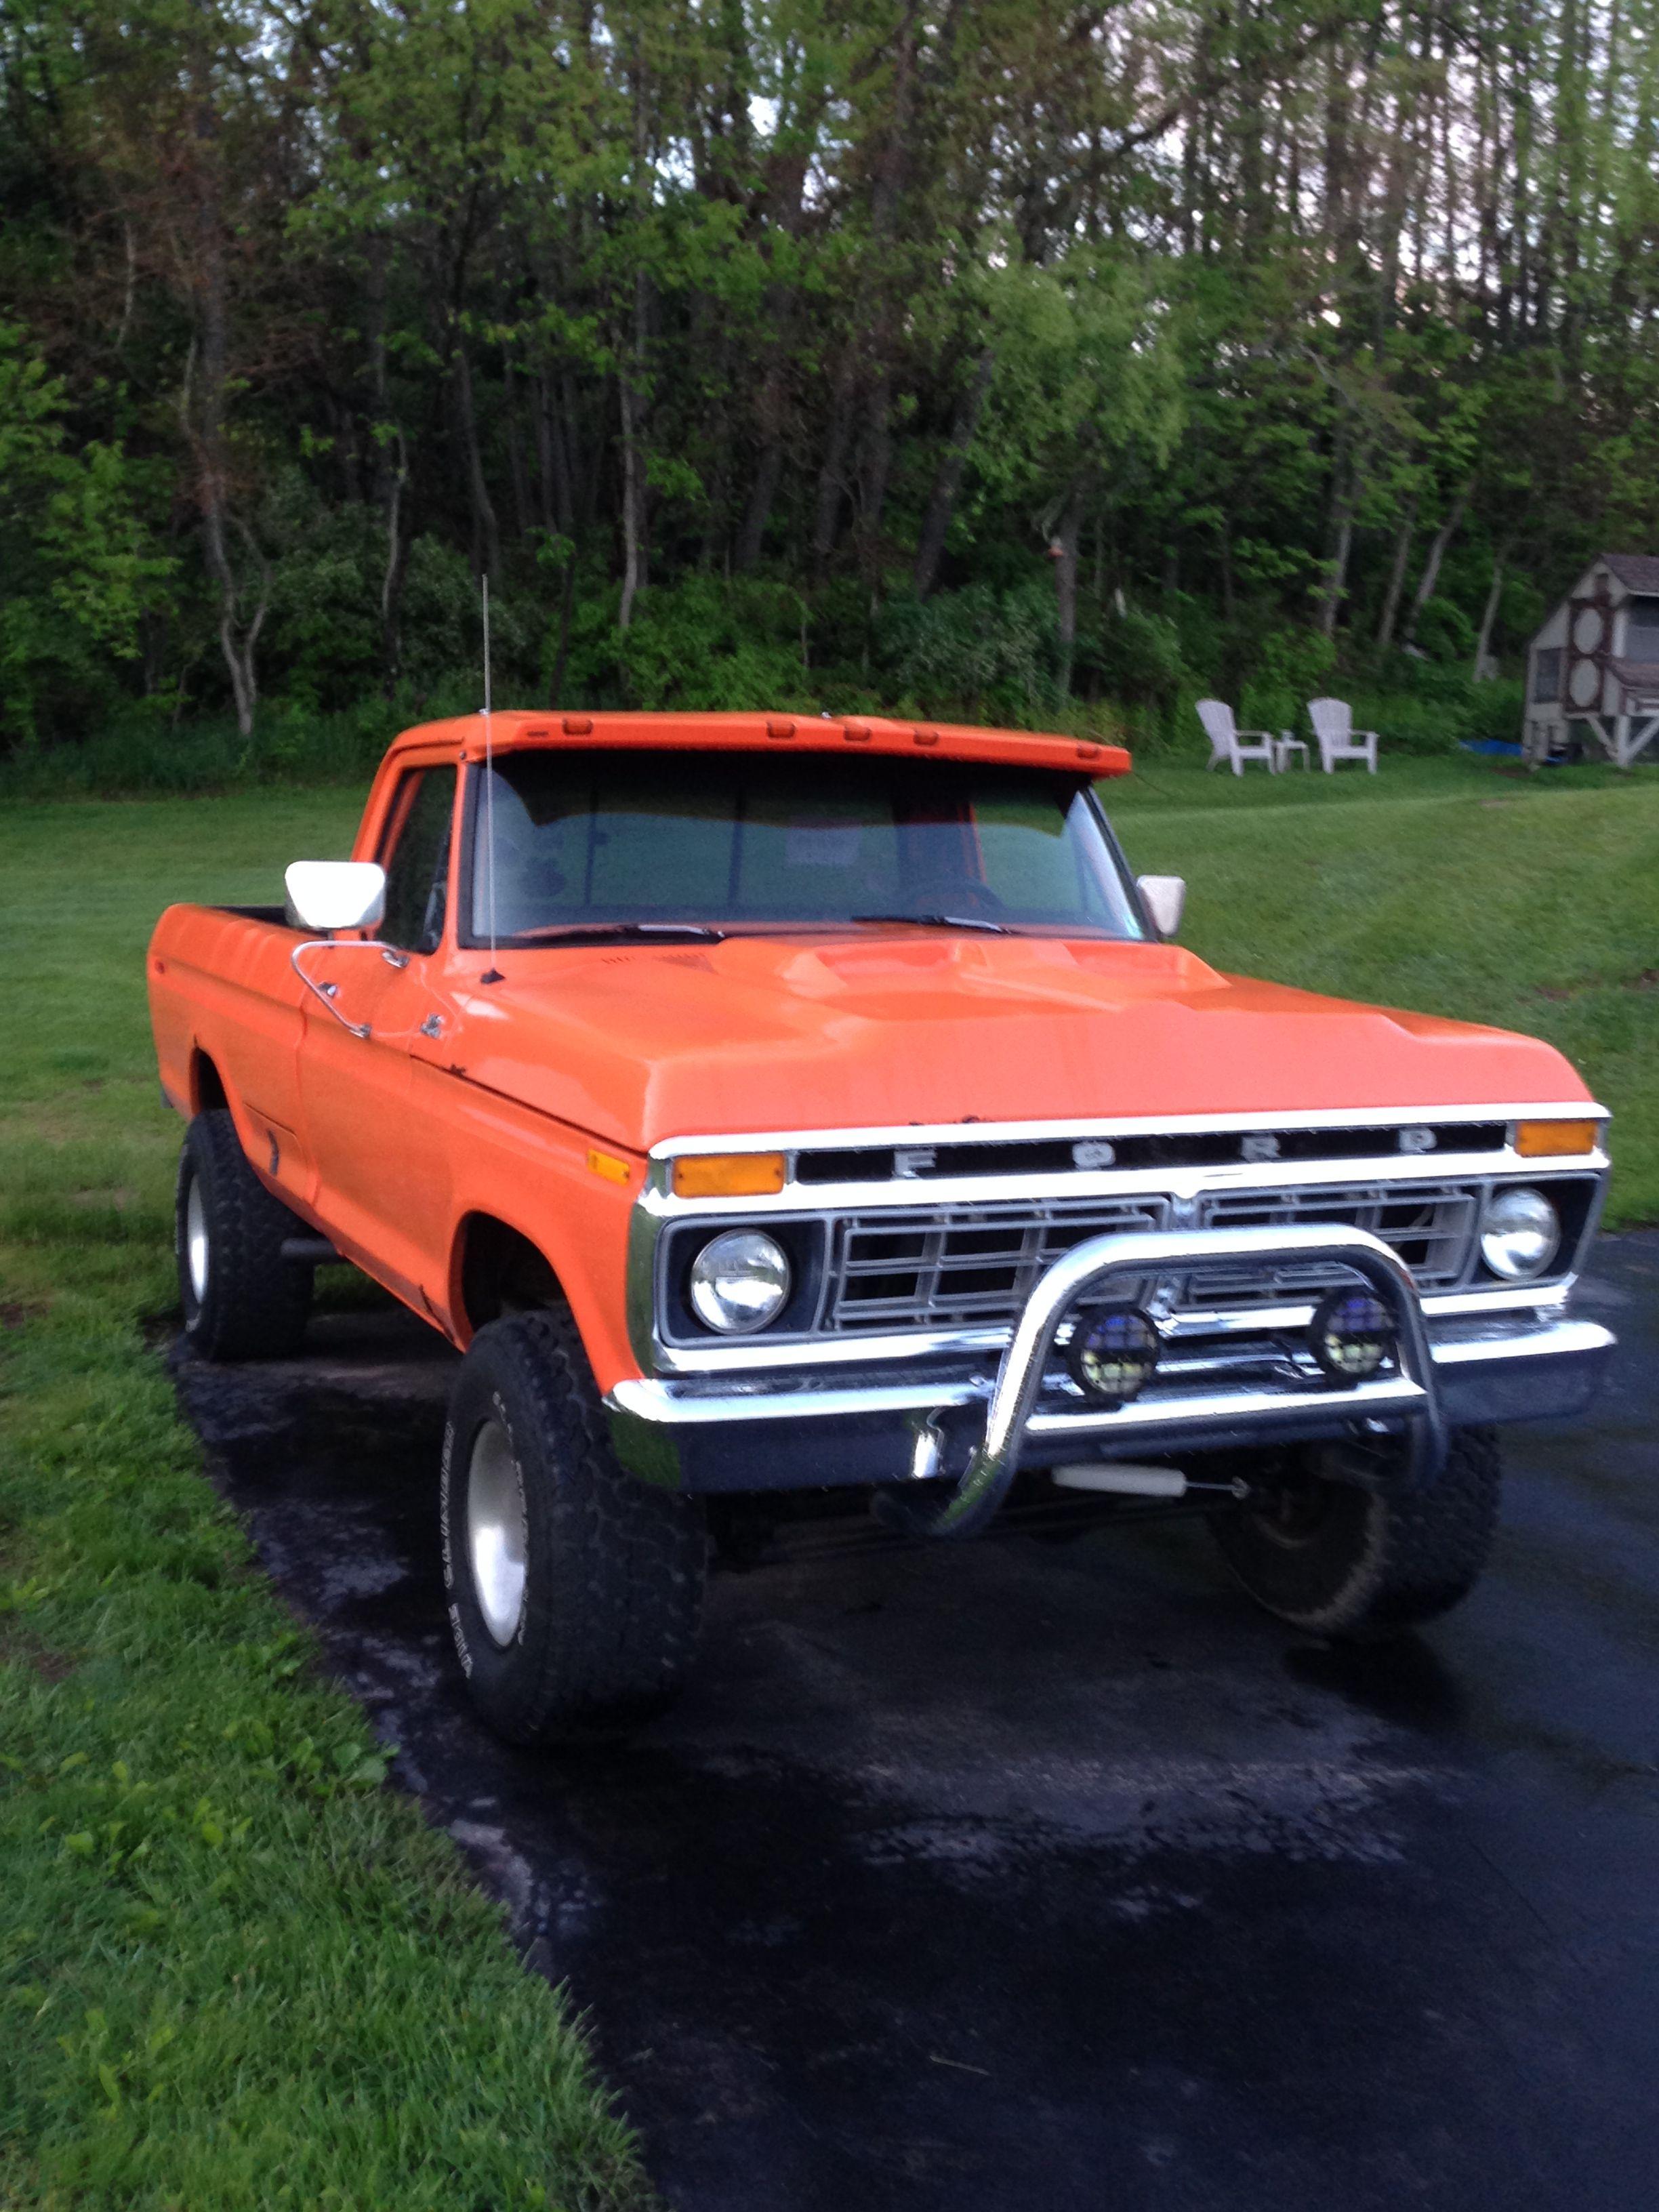 1973 ford f100 the big boy mnie ford trucks 1979 ford truck ford rh pinterest com